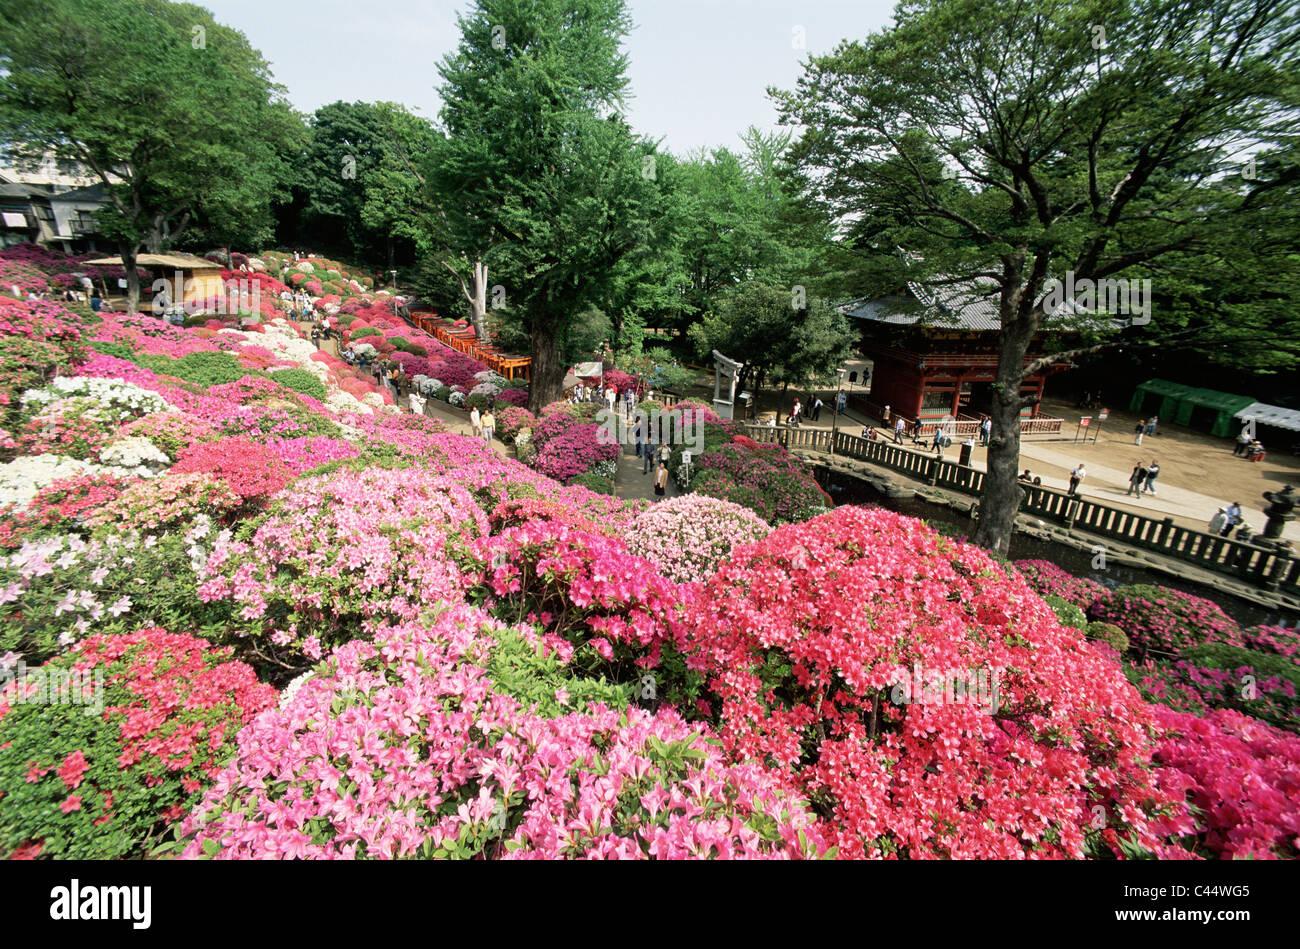 L Asie L Azalee Azalee Fleur Fleur Fleurs Jardin Maison De